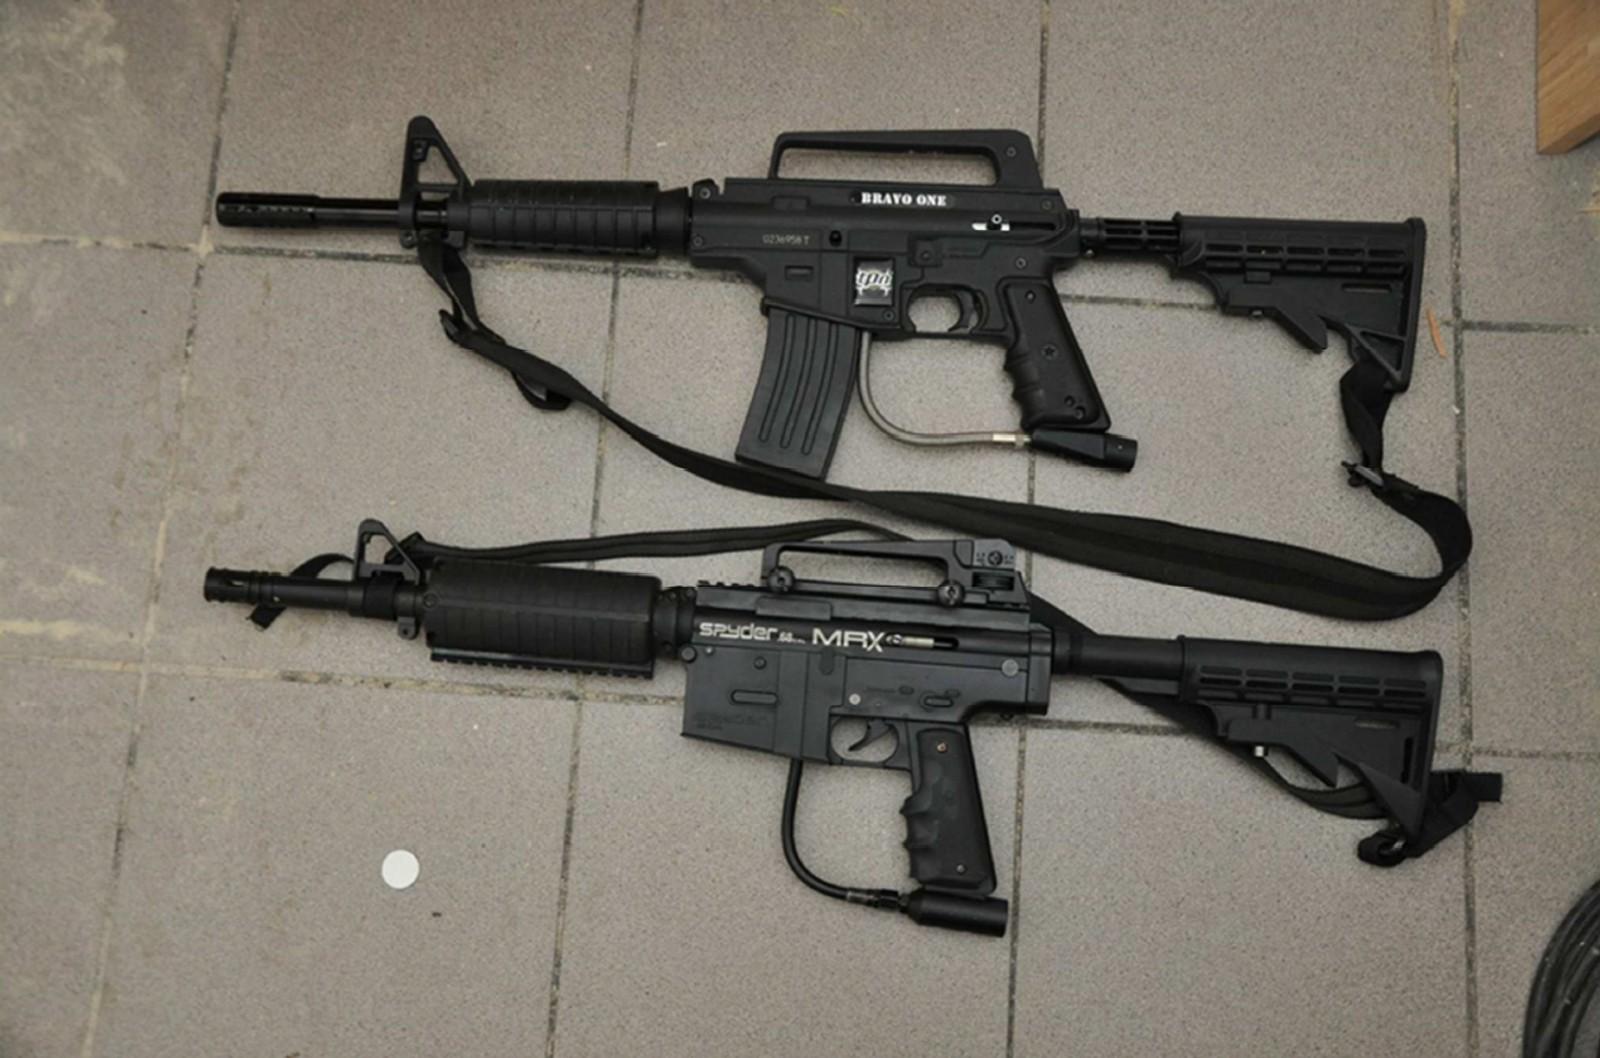 Det ble også funnet to softgun på åstedet. Kvinnen hevdet at faren og de andre medtiltalte brukte våpen under bortføringen. Dette nekter faren for i retten.